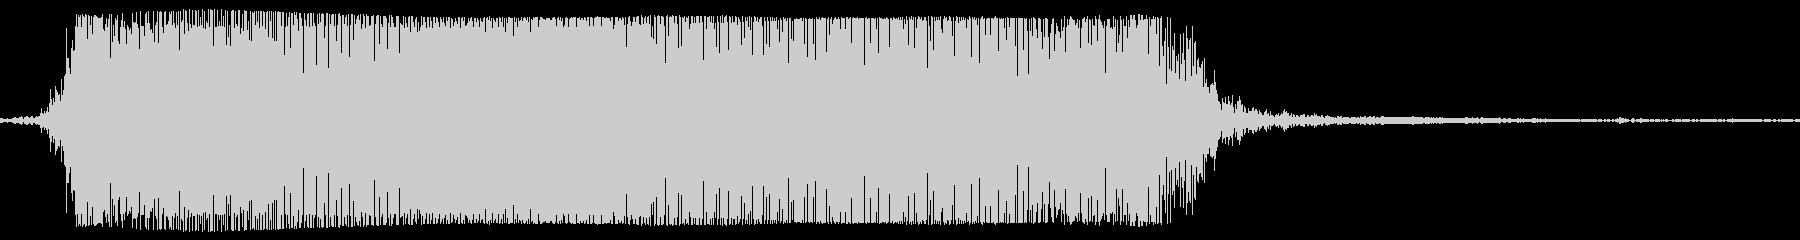 ギターメタルパワーコード、の未再生の波形